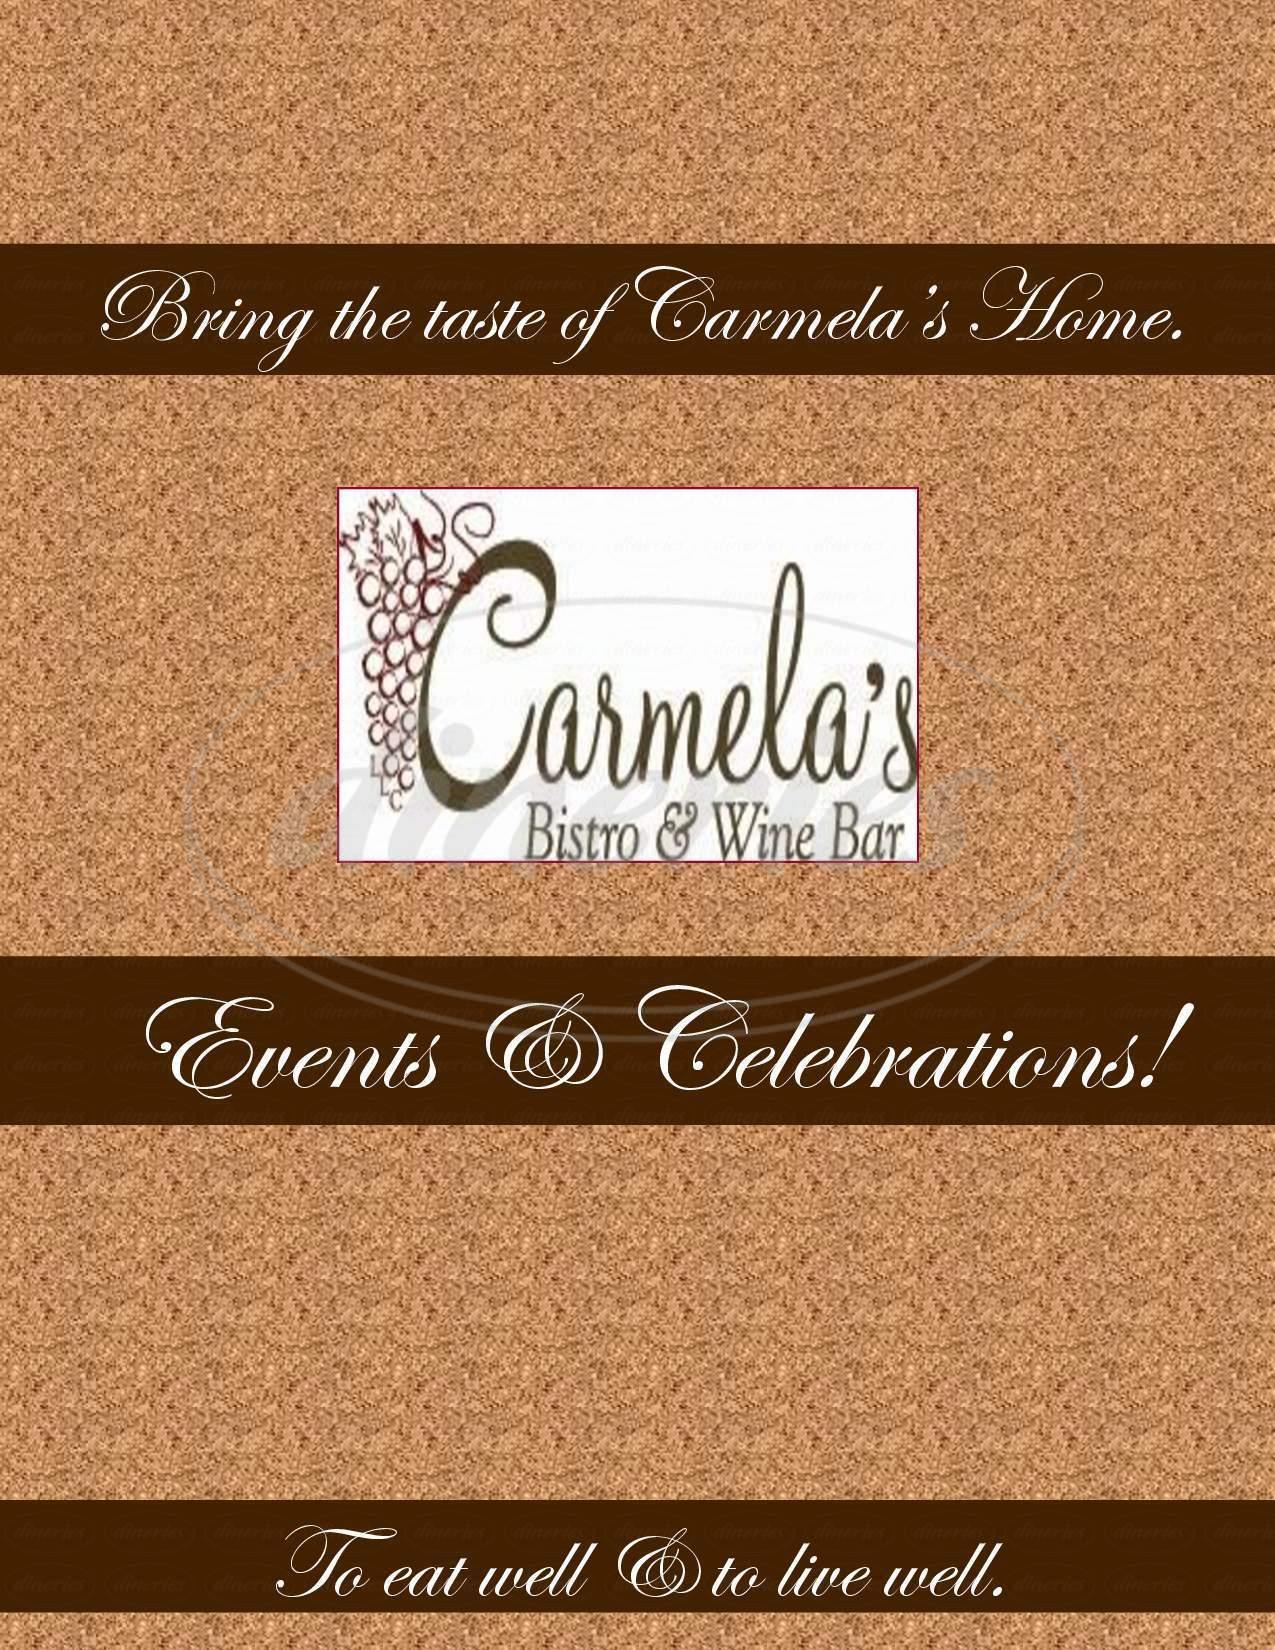 menu for Carmelas Bistro And Wine Bar